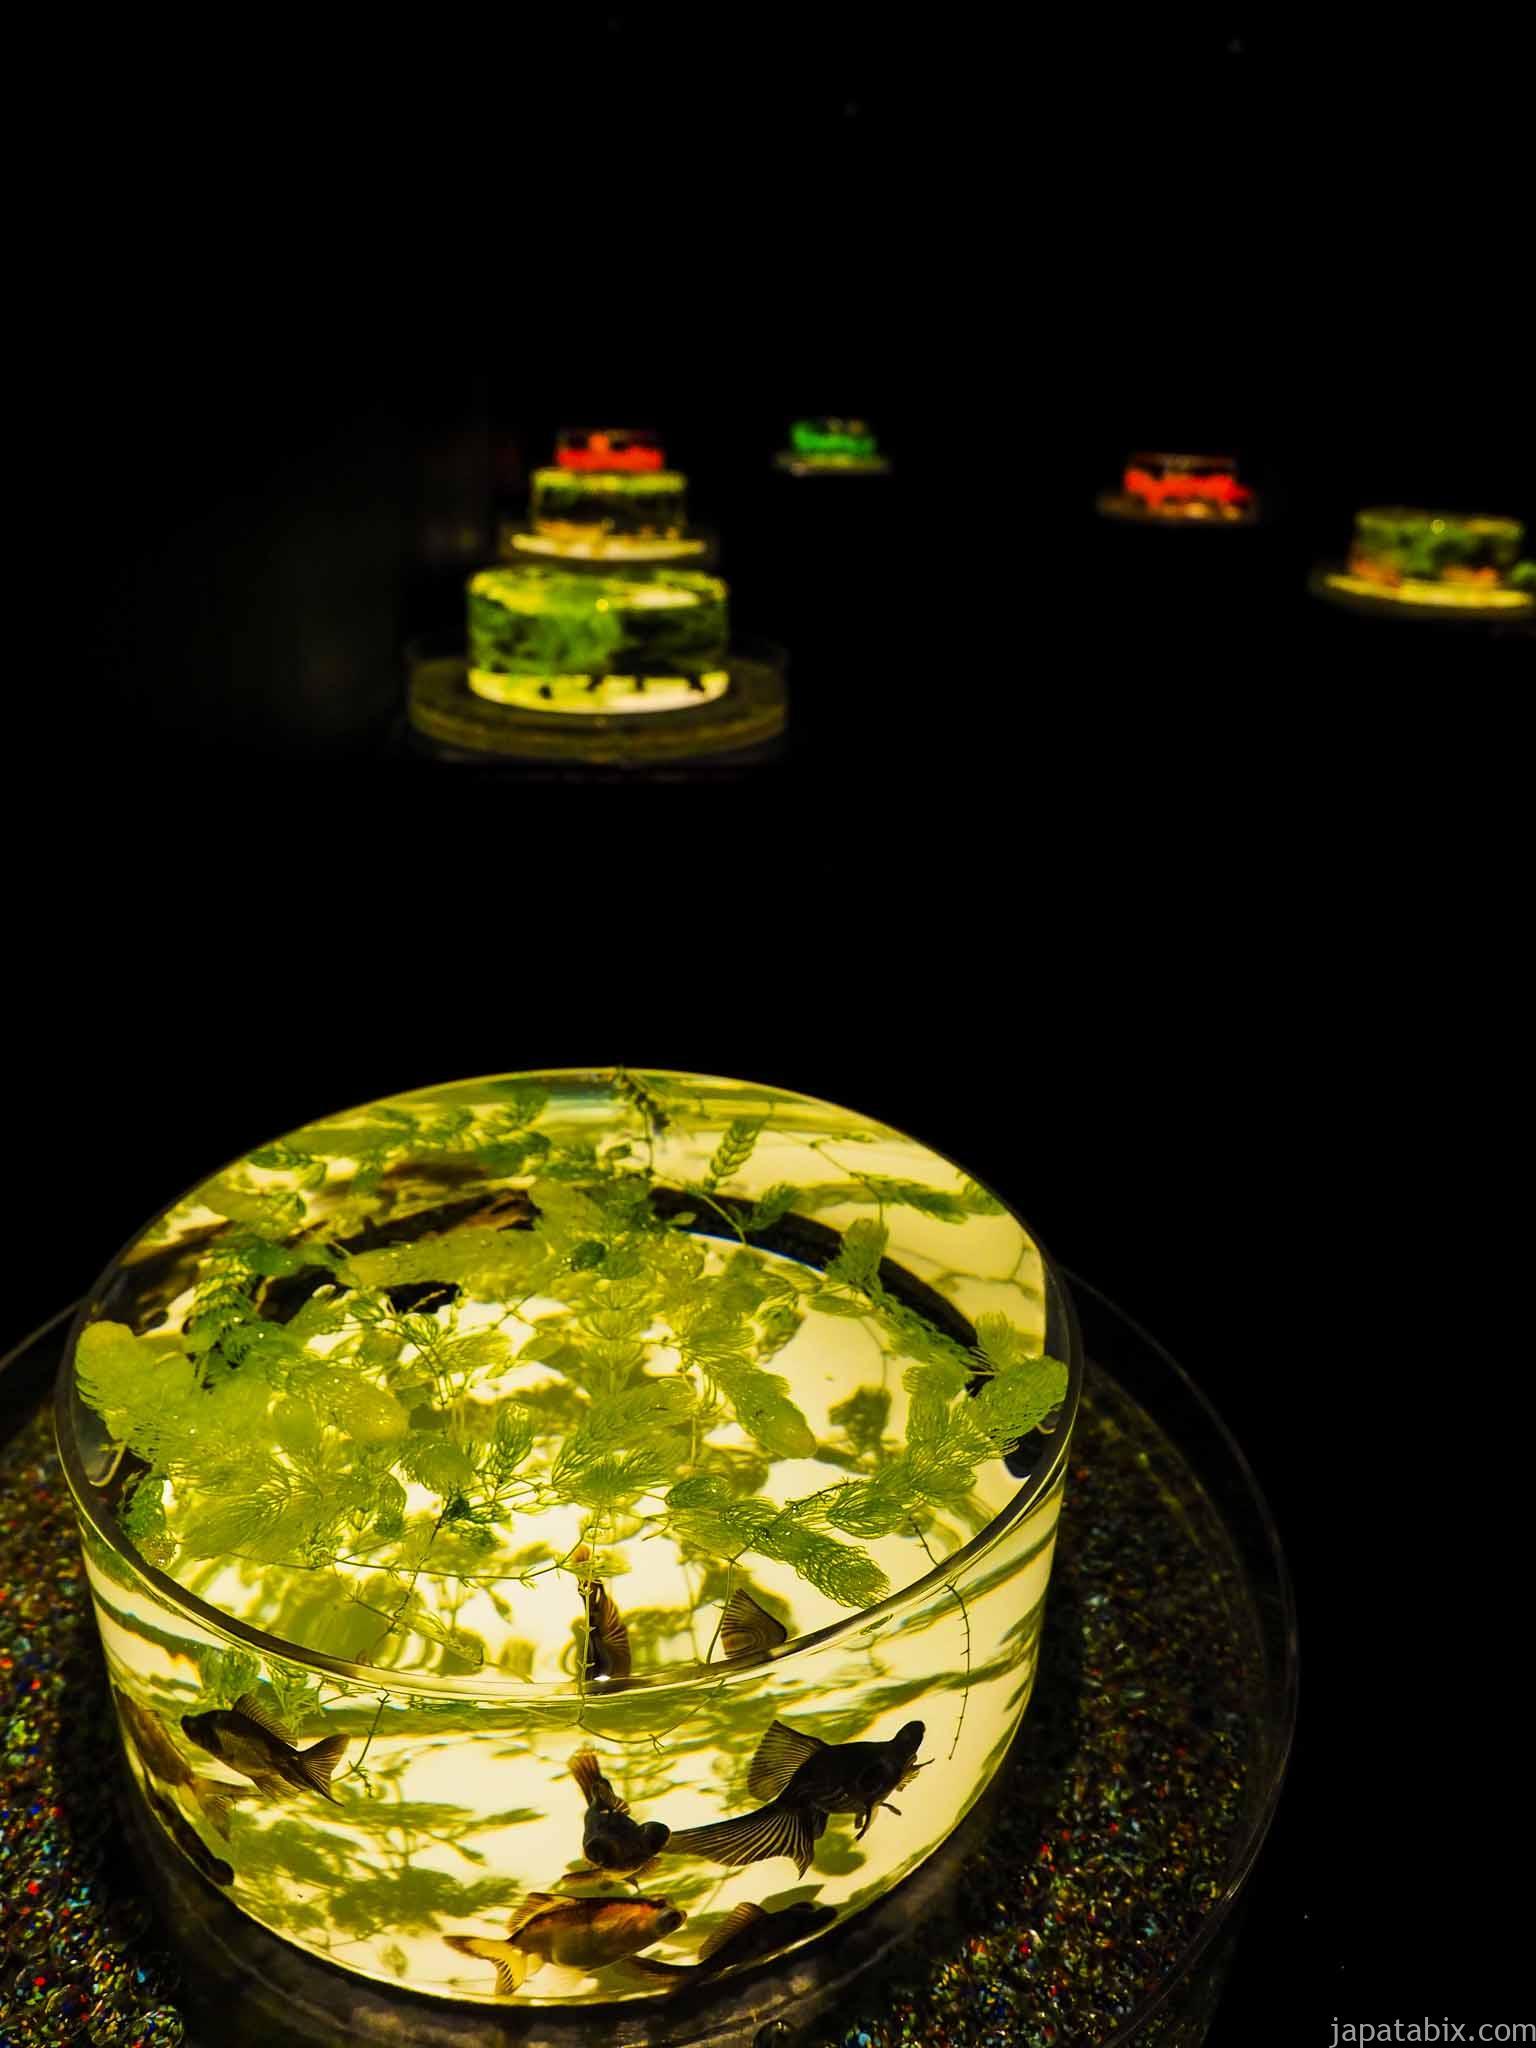 アートアクアリウム美術館 金魚品評 平日夜20時頃の混雑具合